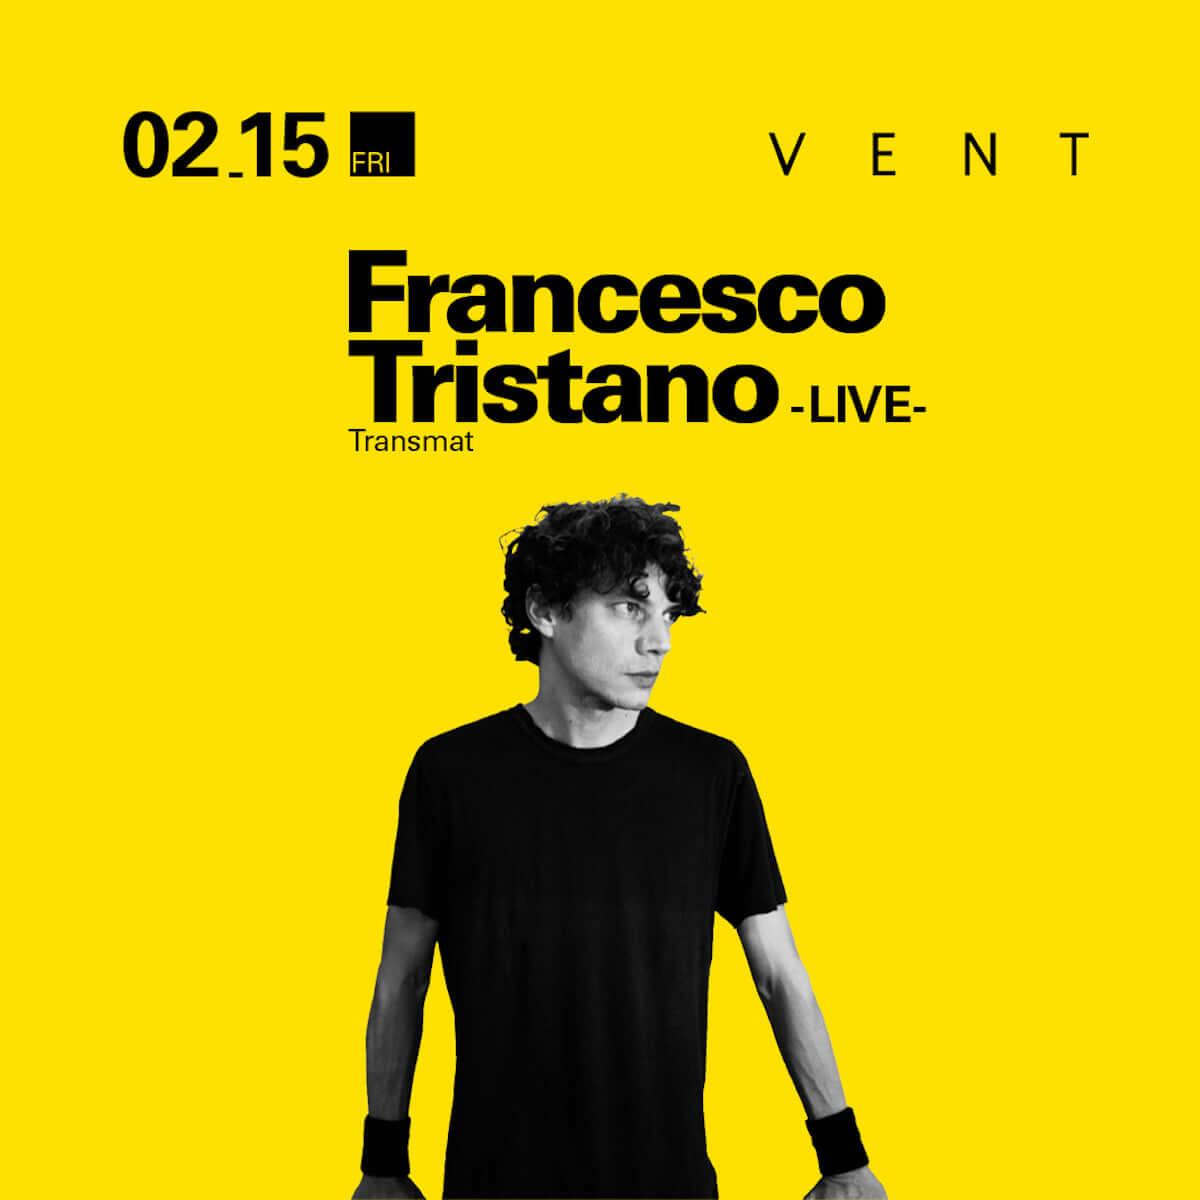 ピアニスト兼テクノ・アーティストのフランチェスコ・トリスターノがVENTでライブセットを披露 20190214_vent_main-1200x1200